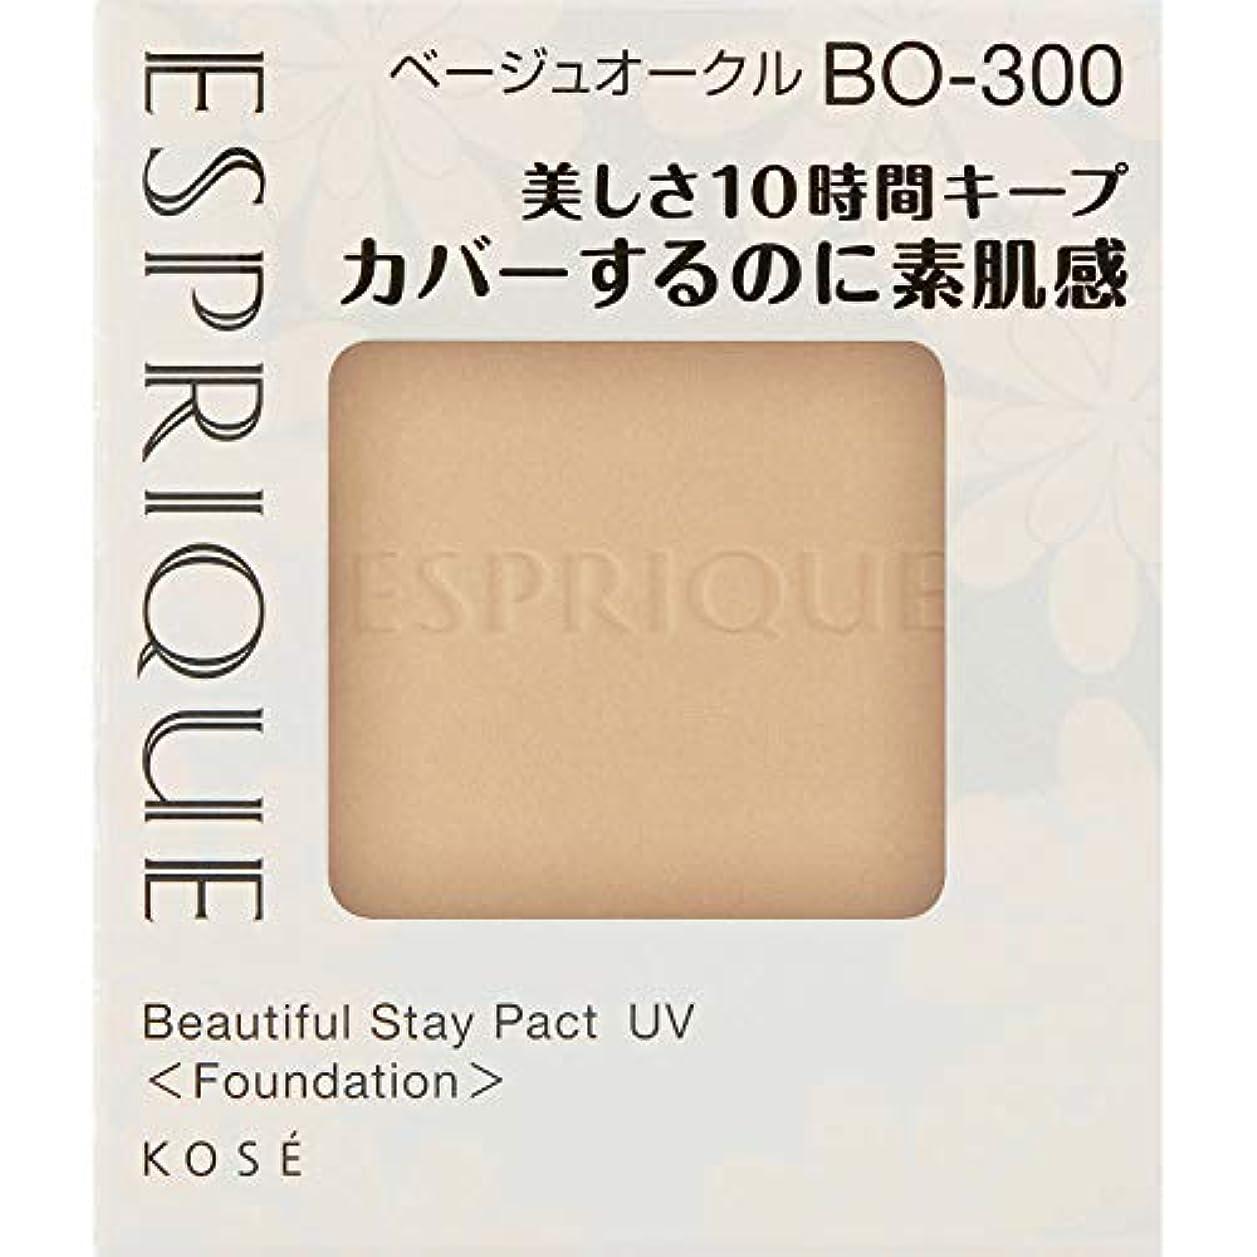 アッパー可聴起きているエスプリーク カバーするのに素肌感持続 パクト UV BO-300 ベージュオークル 9.3g